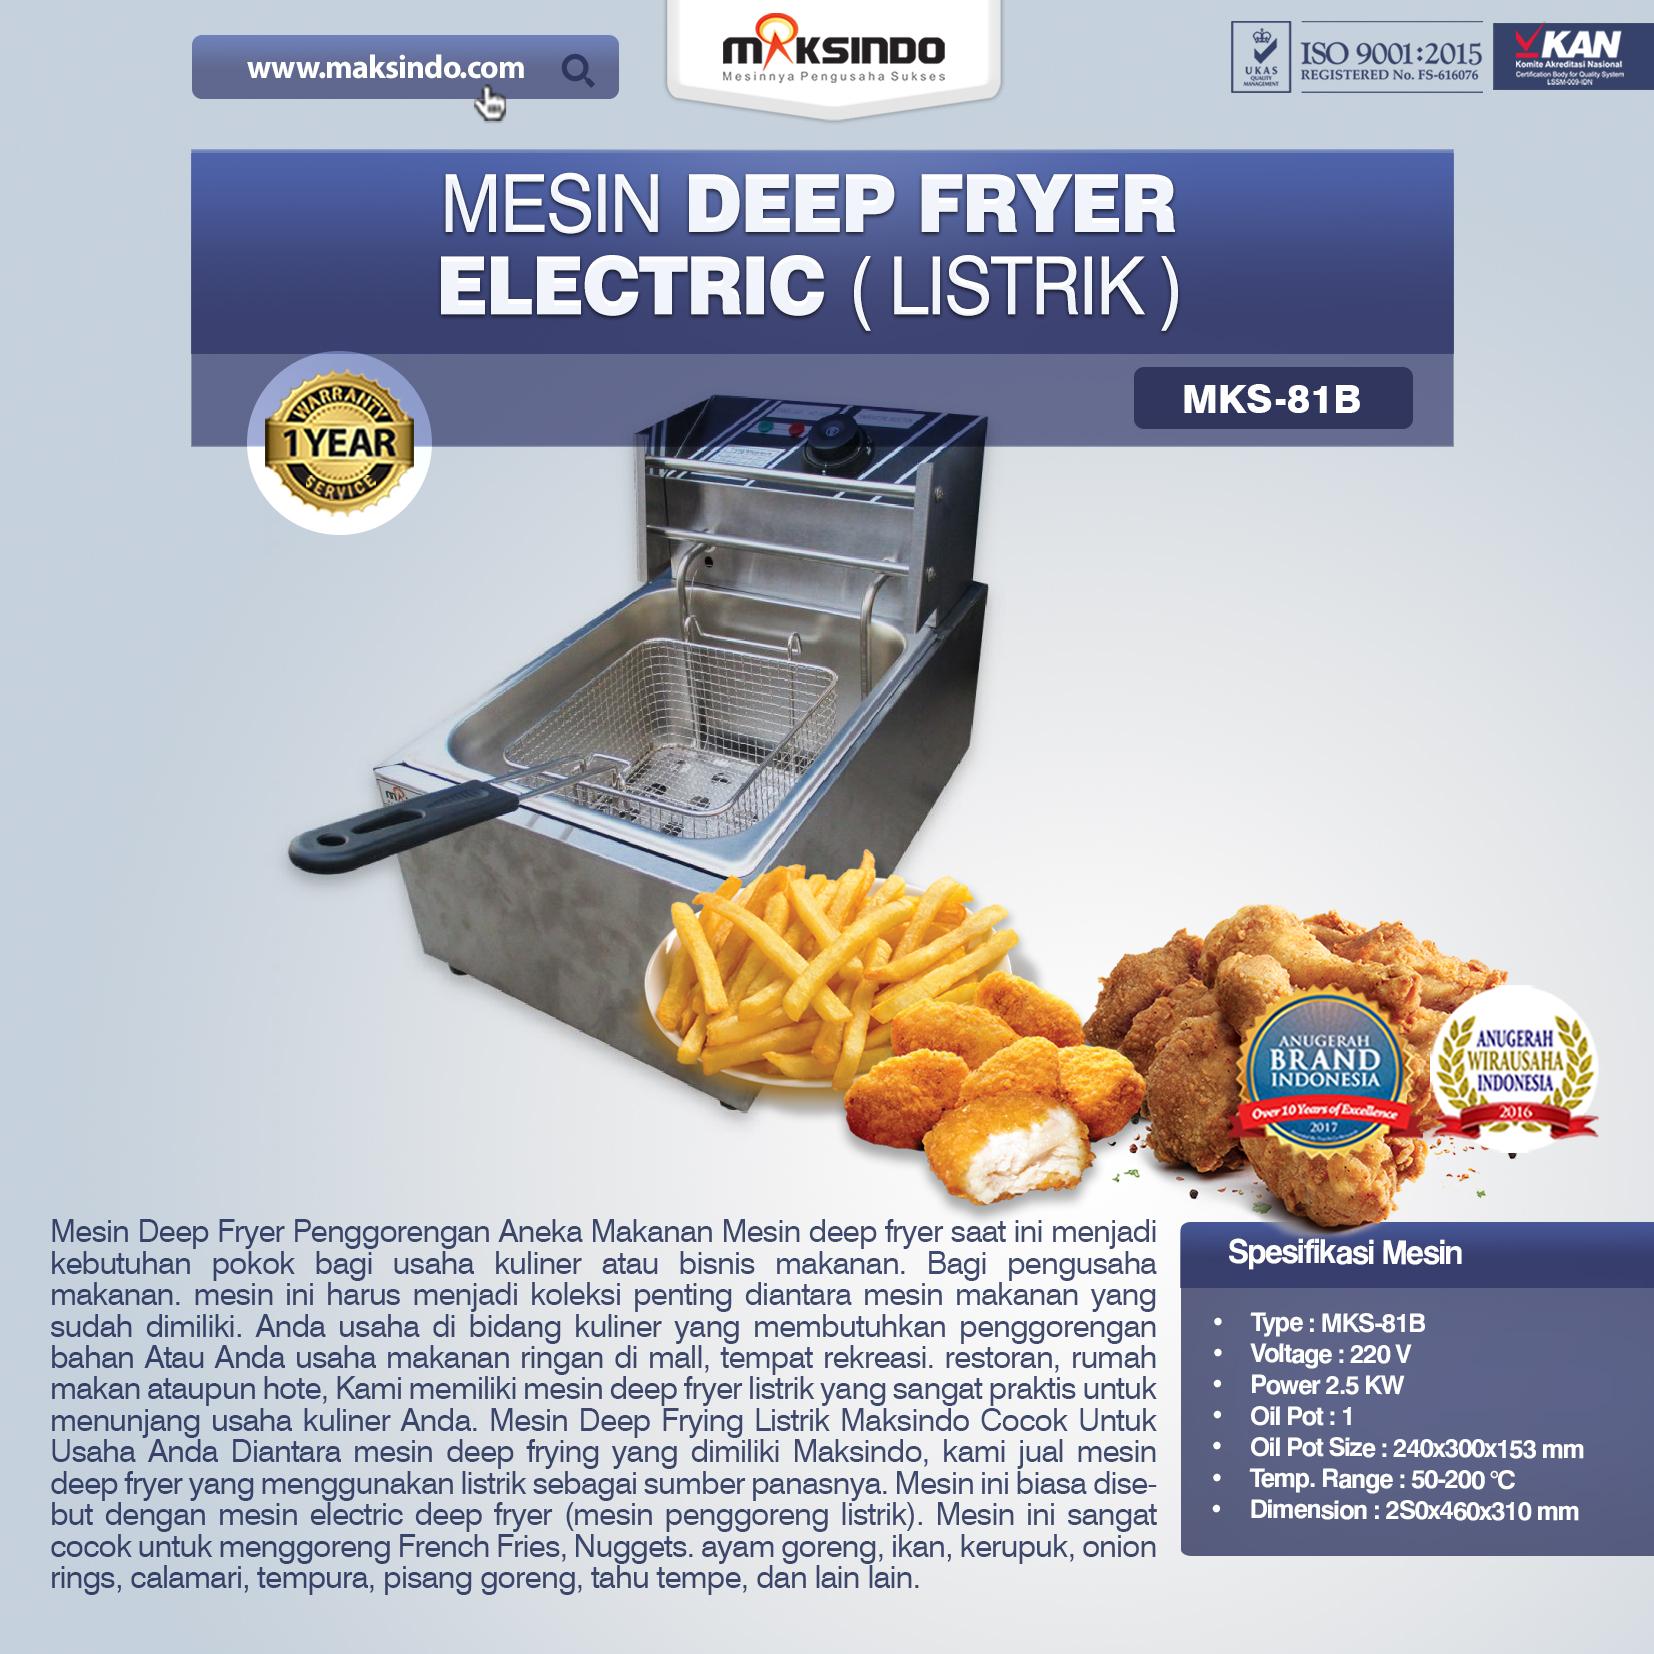 Jual  Mesin Deep Fryer Listrik MKS-81B  di Solo